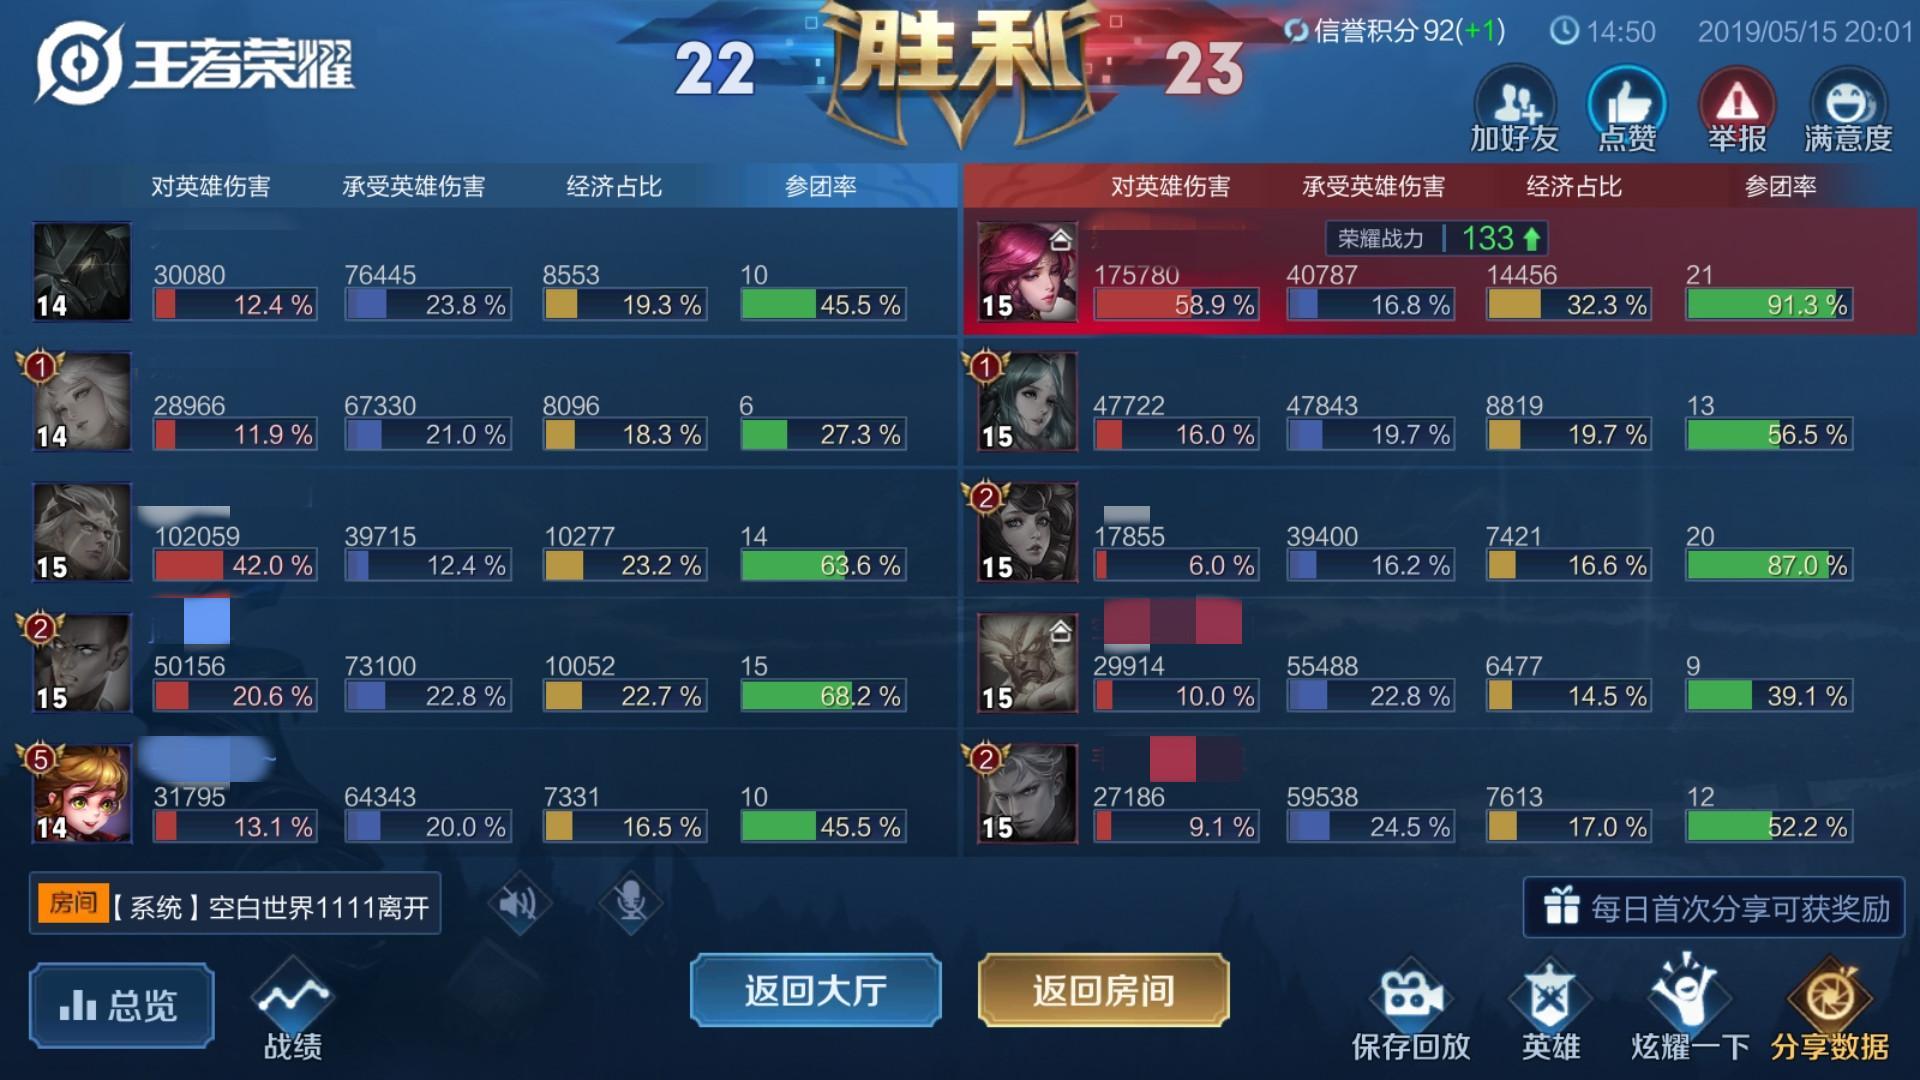 王者最强伽罗现身,超过同段位100%玩家,这伤害谁顶得住?